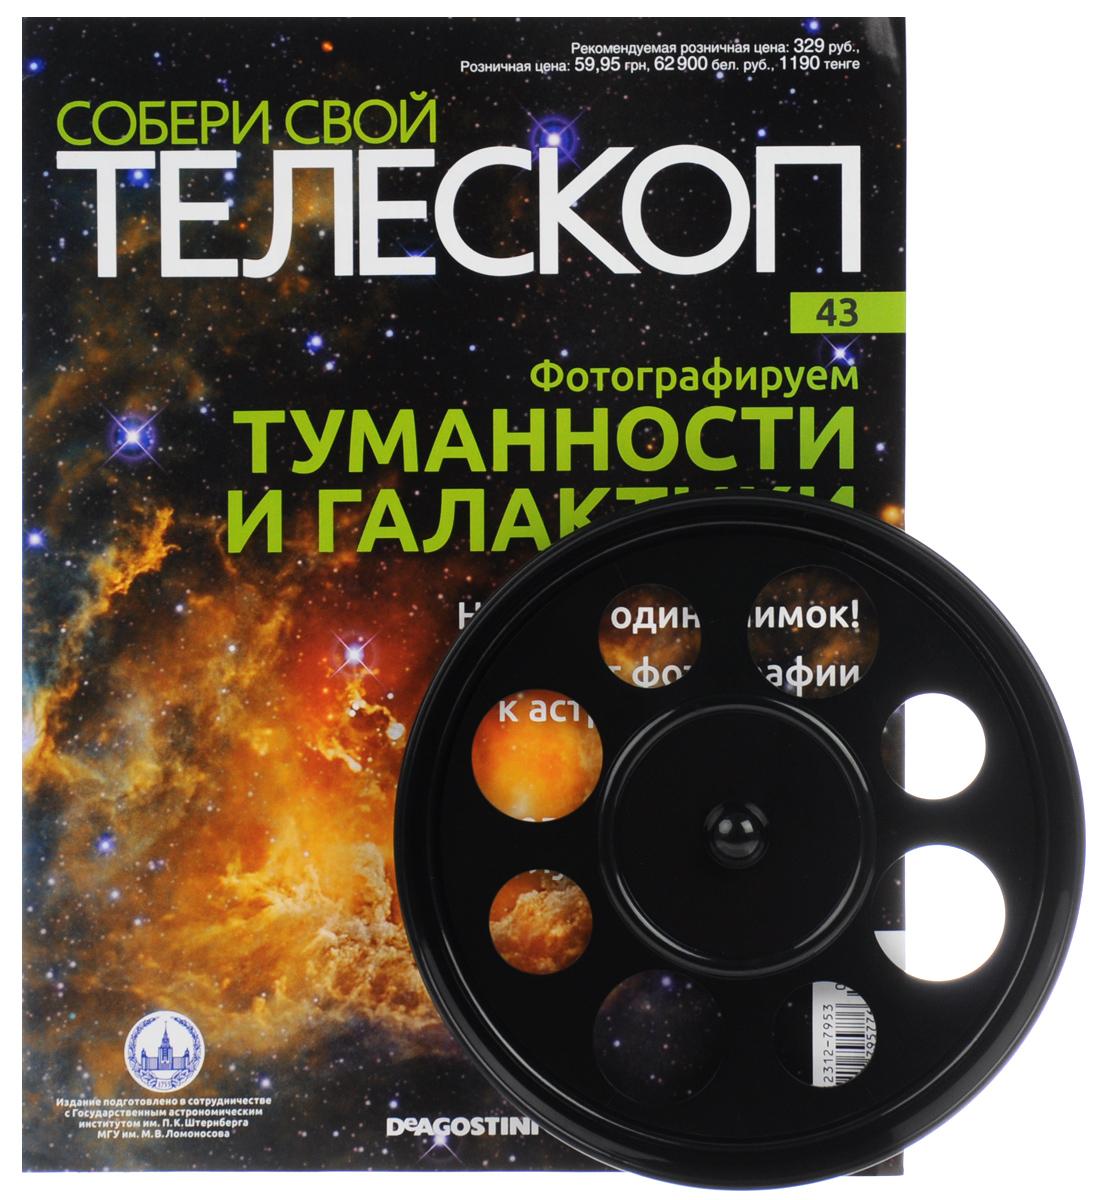 Журнал Собери свой телескоп №43TLS043Издания Собери свой телескоп станут полезным и интересным приобретением для поклонников астрономии, помогут вам в новом ракурсе увидеть и изучить небесные тела, организовать свою личную обсерваторию и получать незабываемые эмоции от познания космоса. Каждое издание серии включает в себя монографический журнал, увлекательно знакомящий читателей с отдельным небесным телом, и некоторые элементы для собираемого телескопа. Вы сможете расширить свой кругозор, приятно провести время за чтением журналов, собственноручно собрать настоящий телескоп и полноценно использовать его для изучения звездного неба. К данному номеру прилагается круглая полочка для аксессуаров. Диаметр полочки: 17 см. Категория 12+.